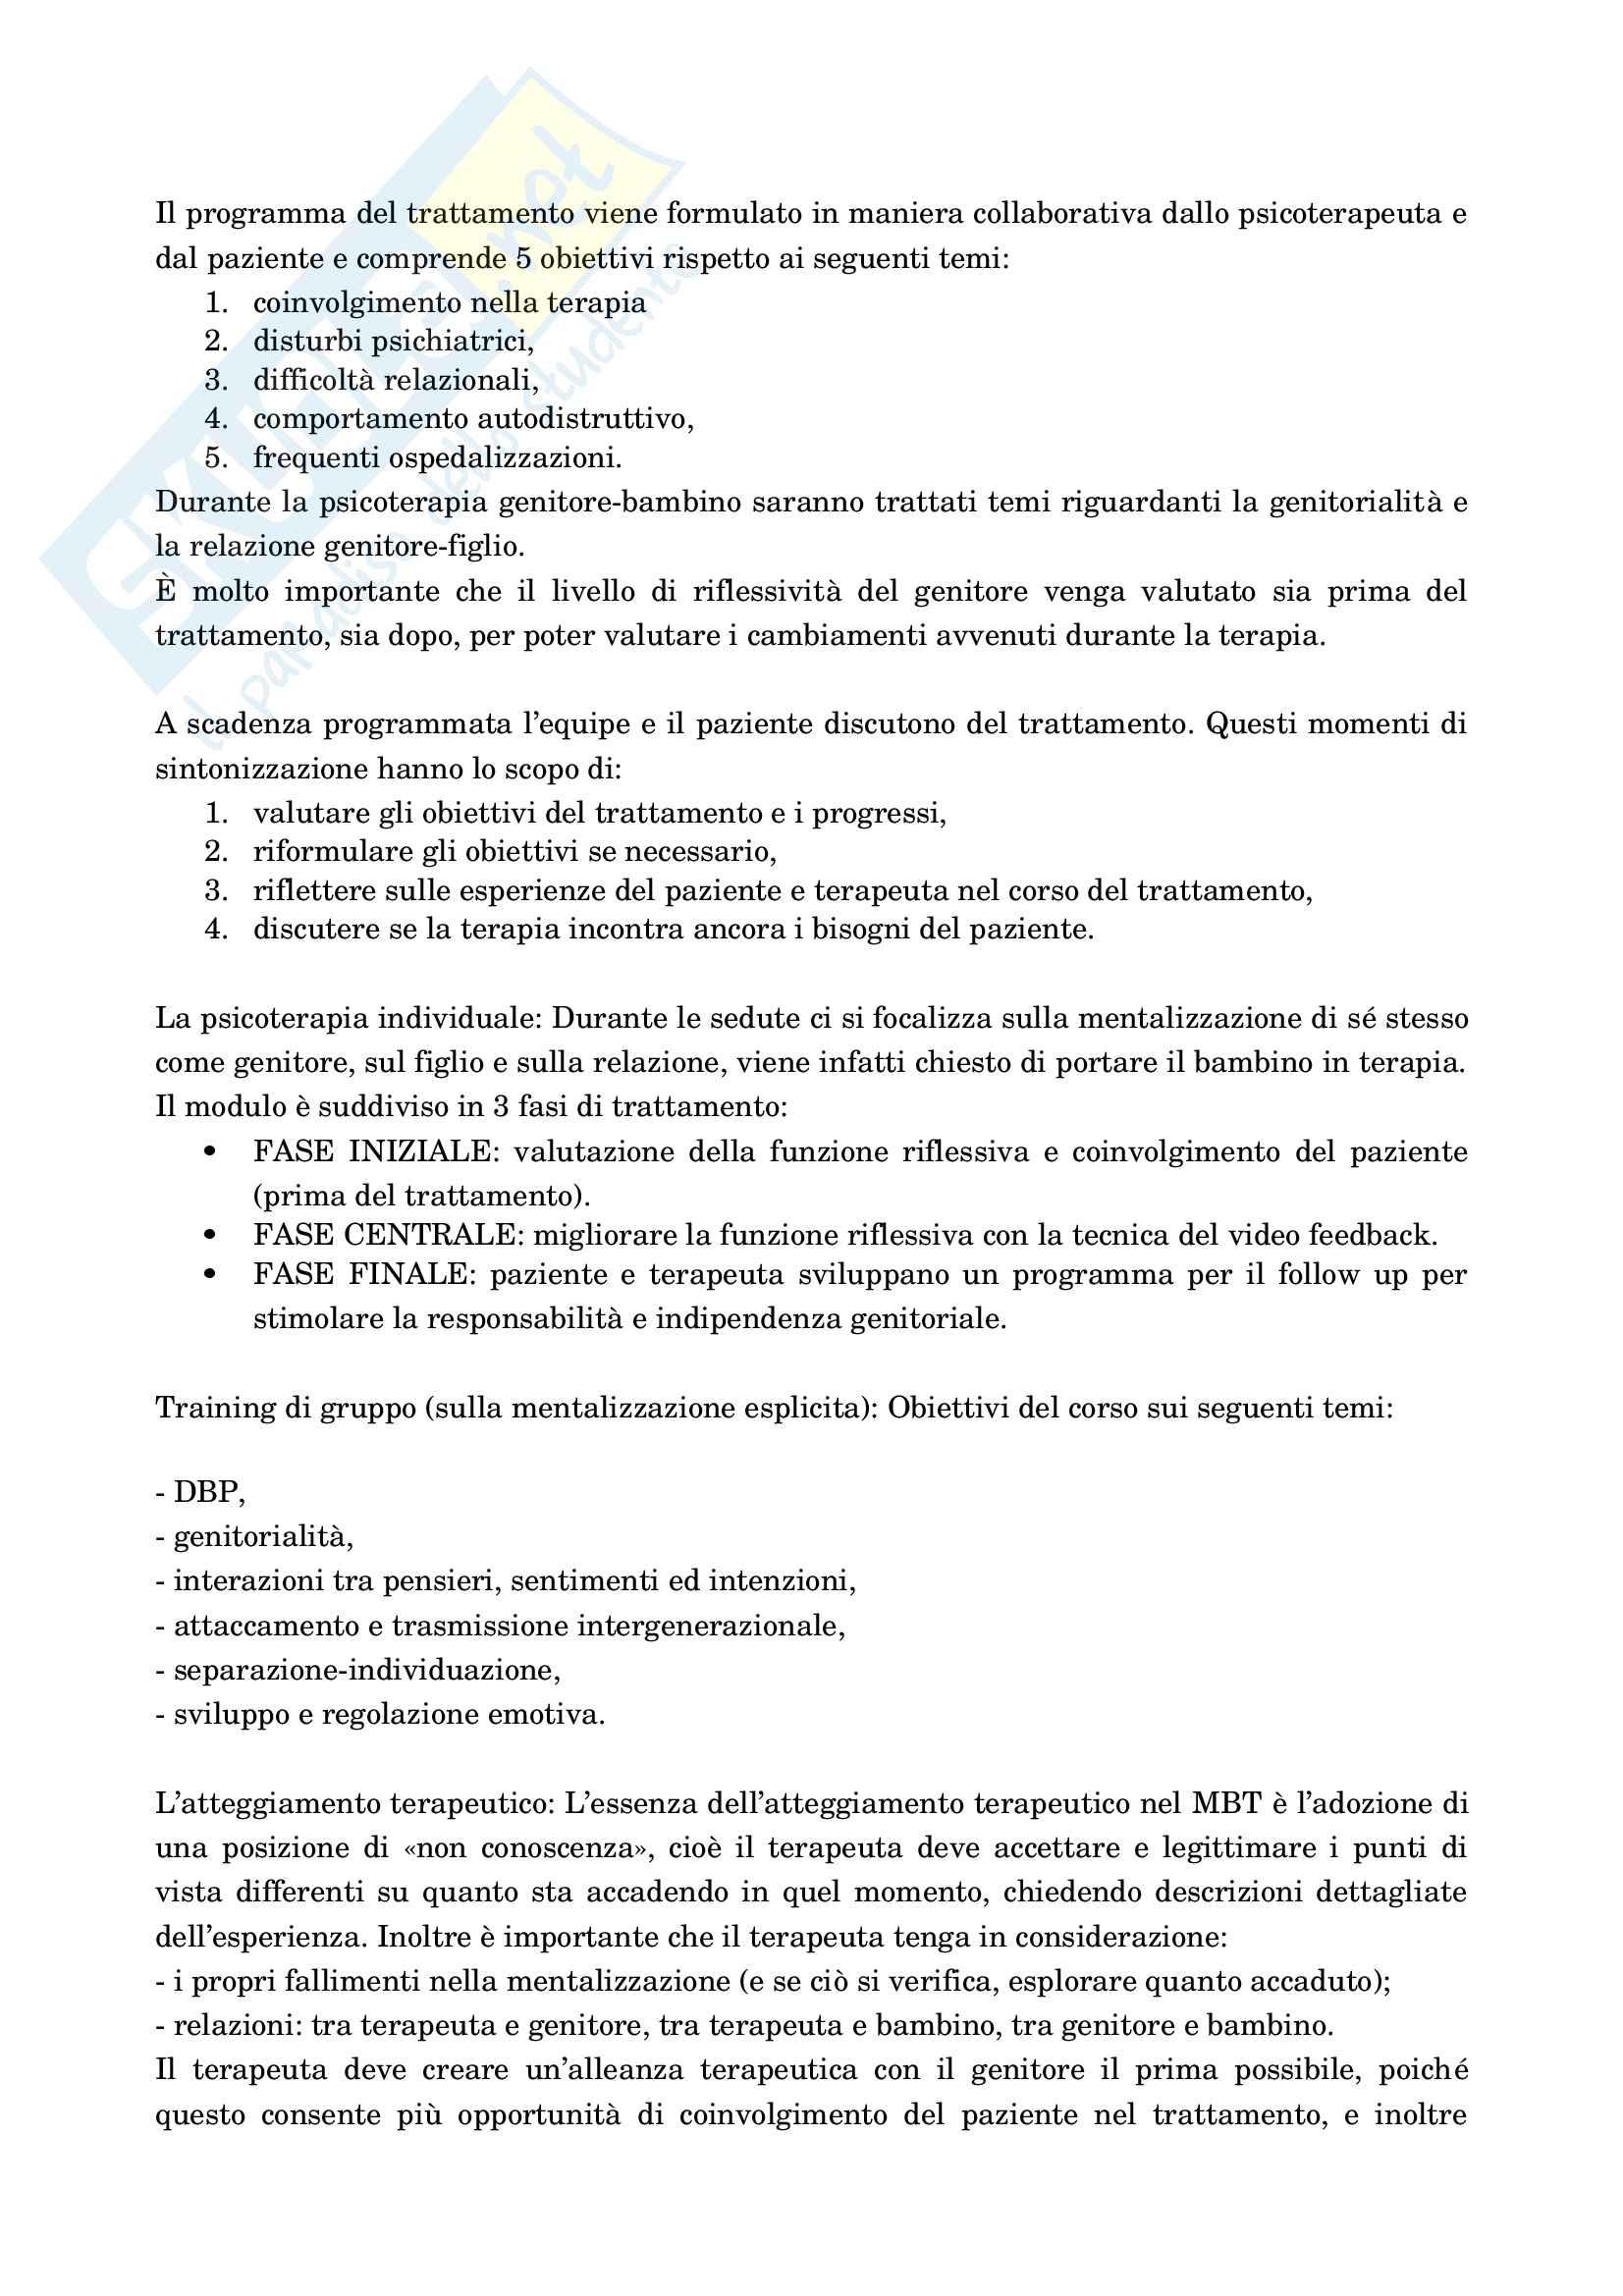 Psicologia dello sviluppo socio-affettivo Pag. 86